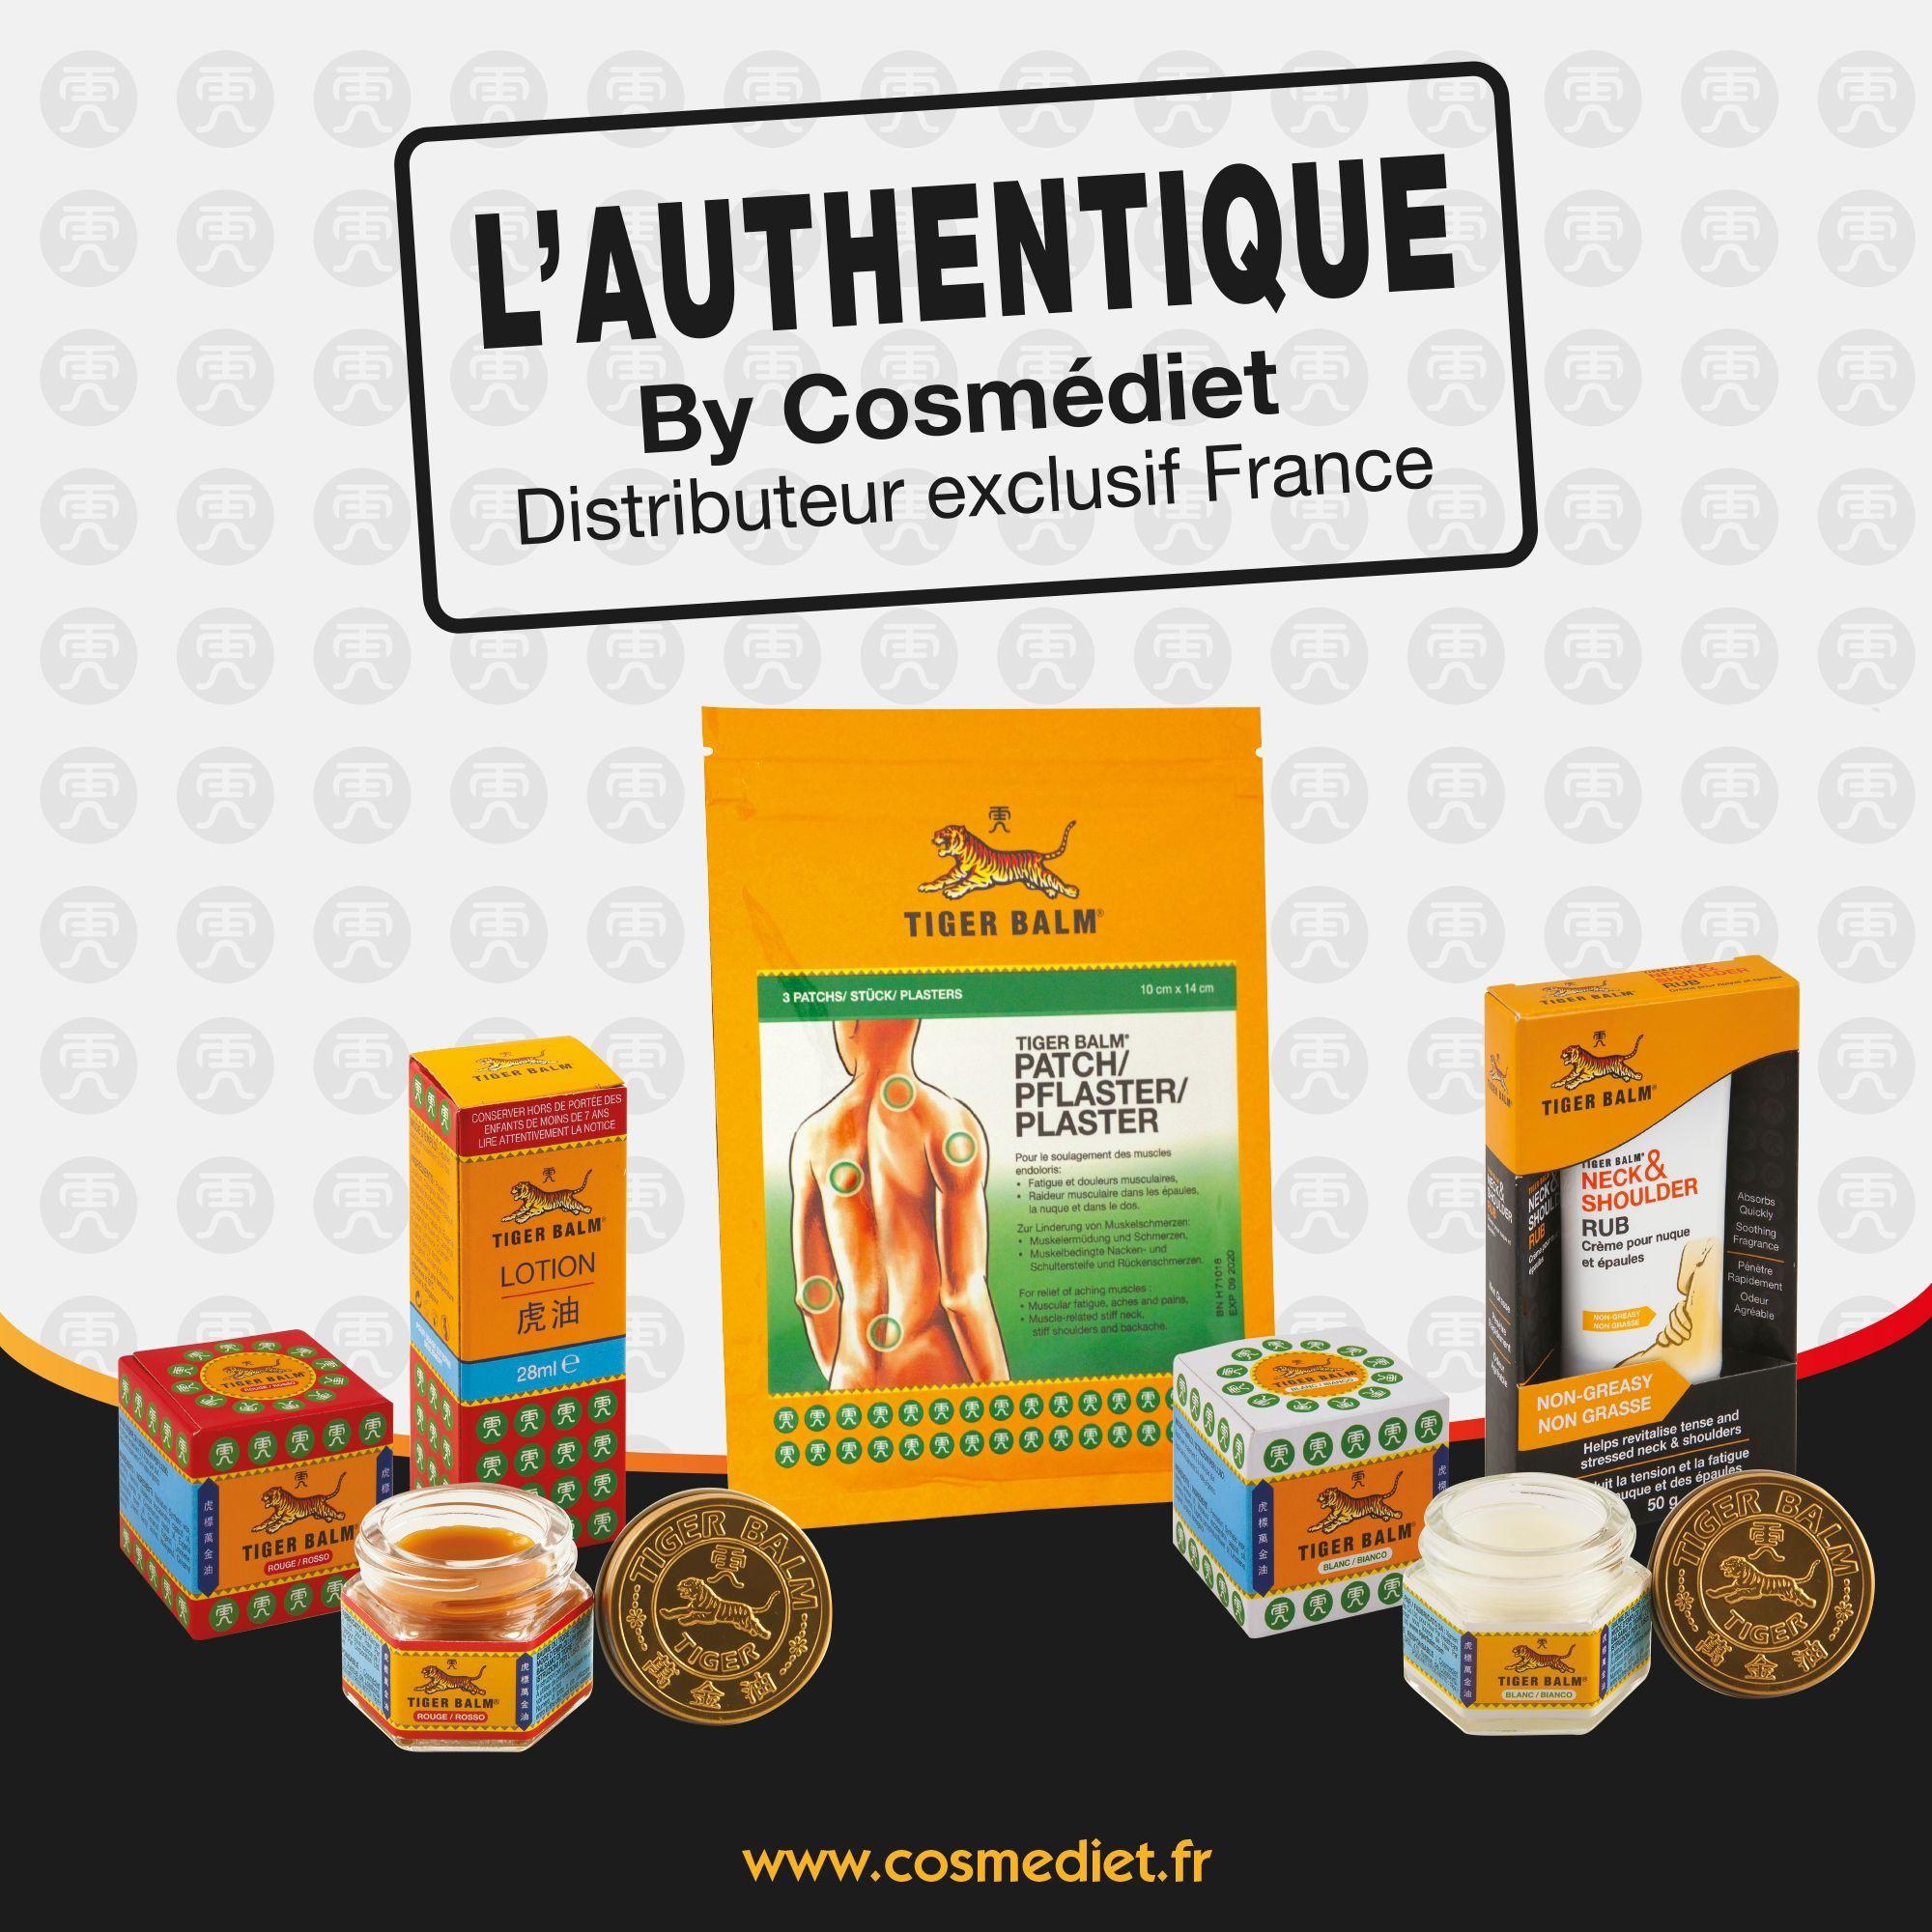 L'Authentique BAUME DU TIGRE® de Cosmédiet, une valeur sûre qui ne cesse de progresser en pharmacie.